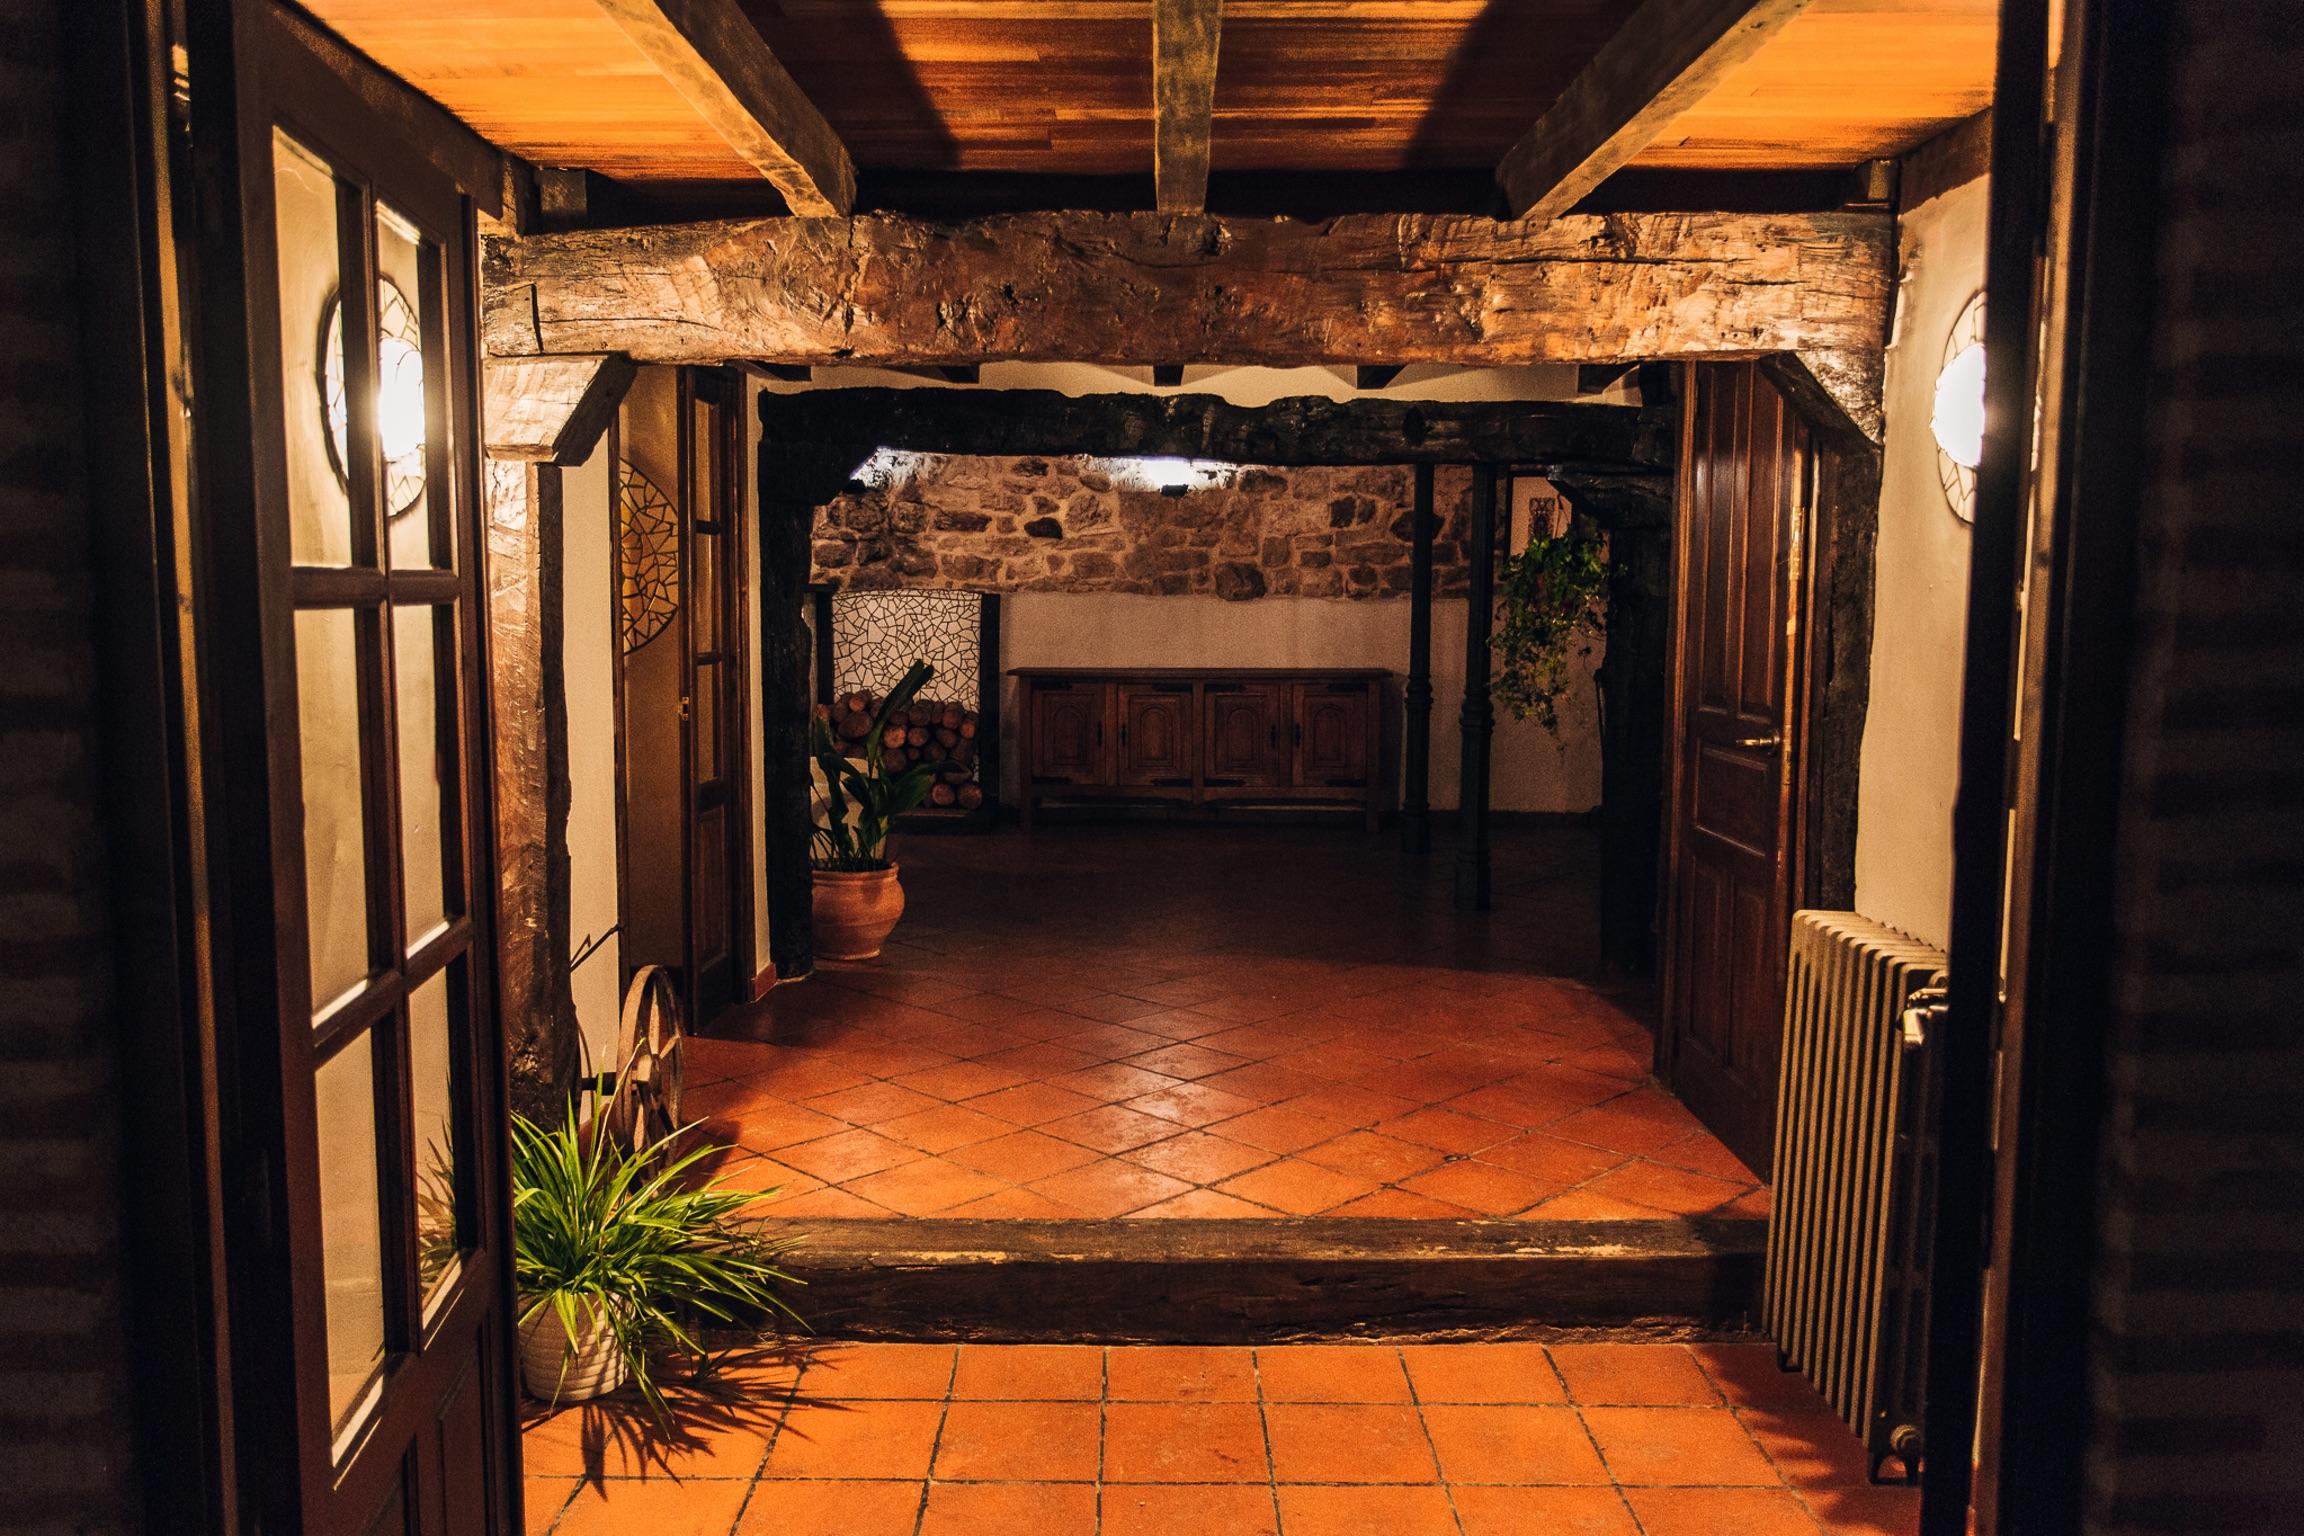 Ferienhaus Haus mit 5 Zimmern in Fuenteodra mit toller Aussicht auf die Berge, eingezäuntem Garten un (2211142), Fuenteodra, Burgos, Kastilien-León, Spanien, Bild 41